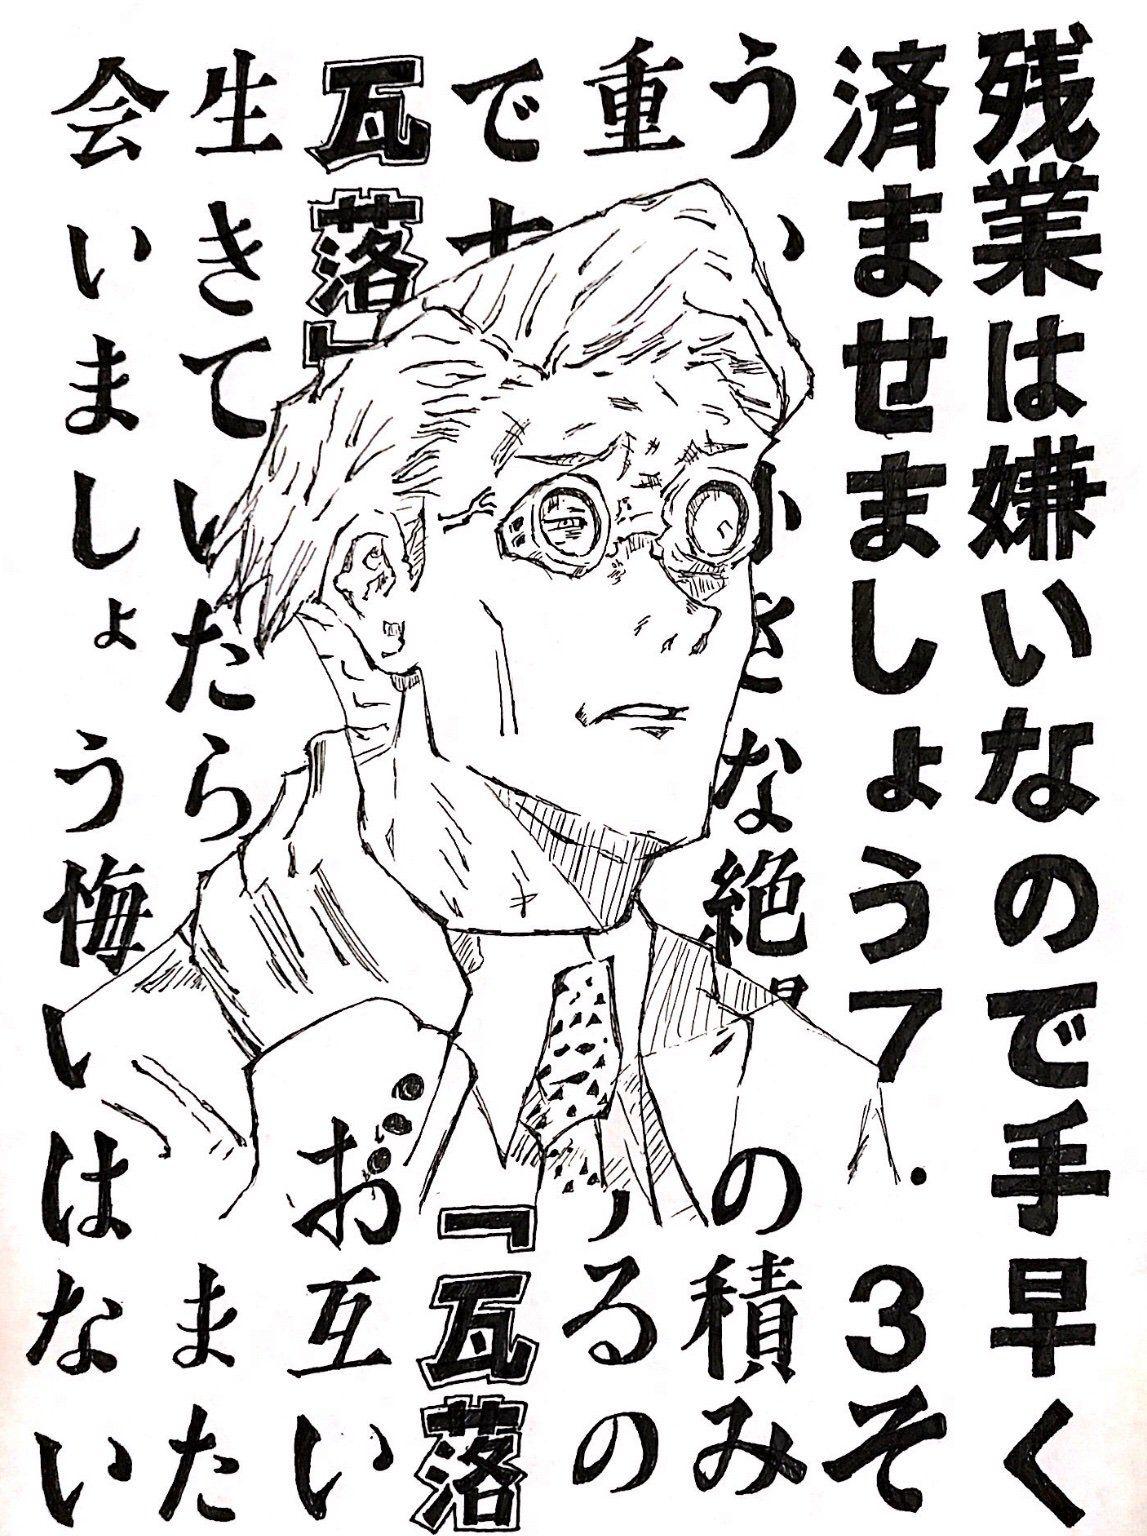 七海 呪術 斗 健 戦 廻